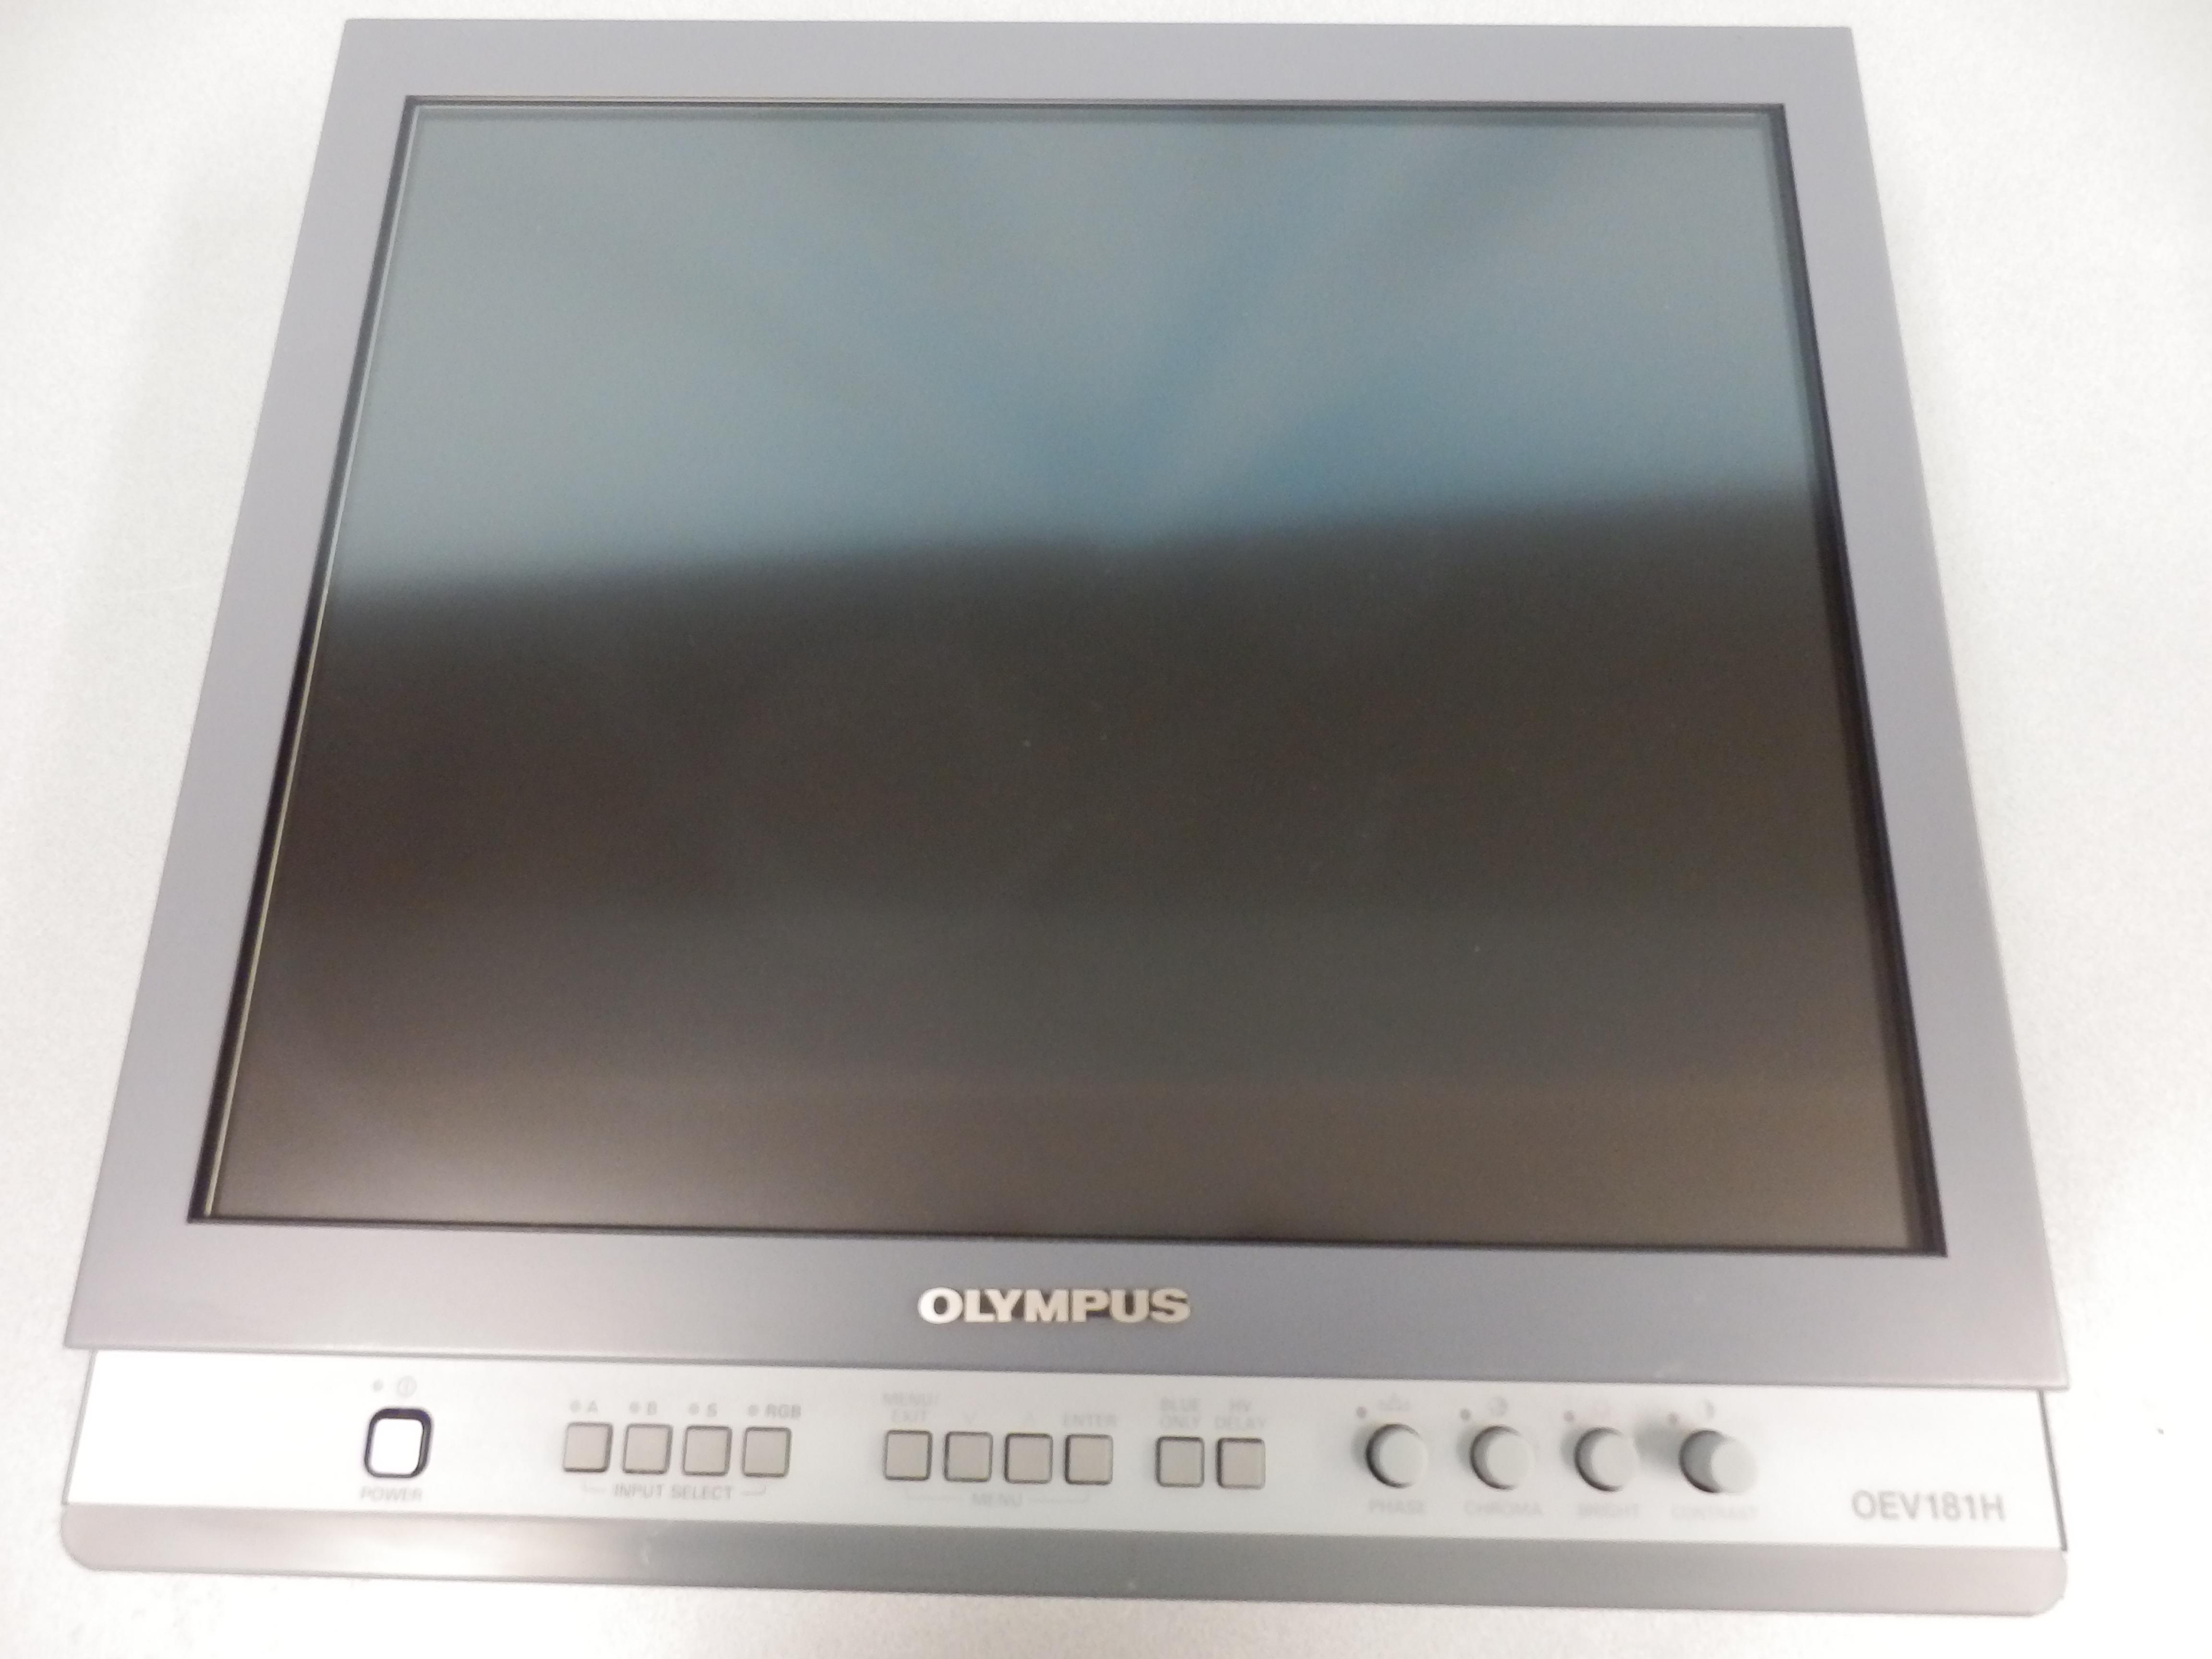 OEV-181H